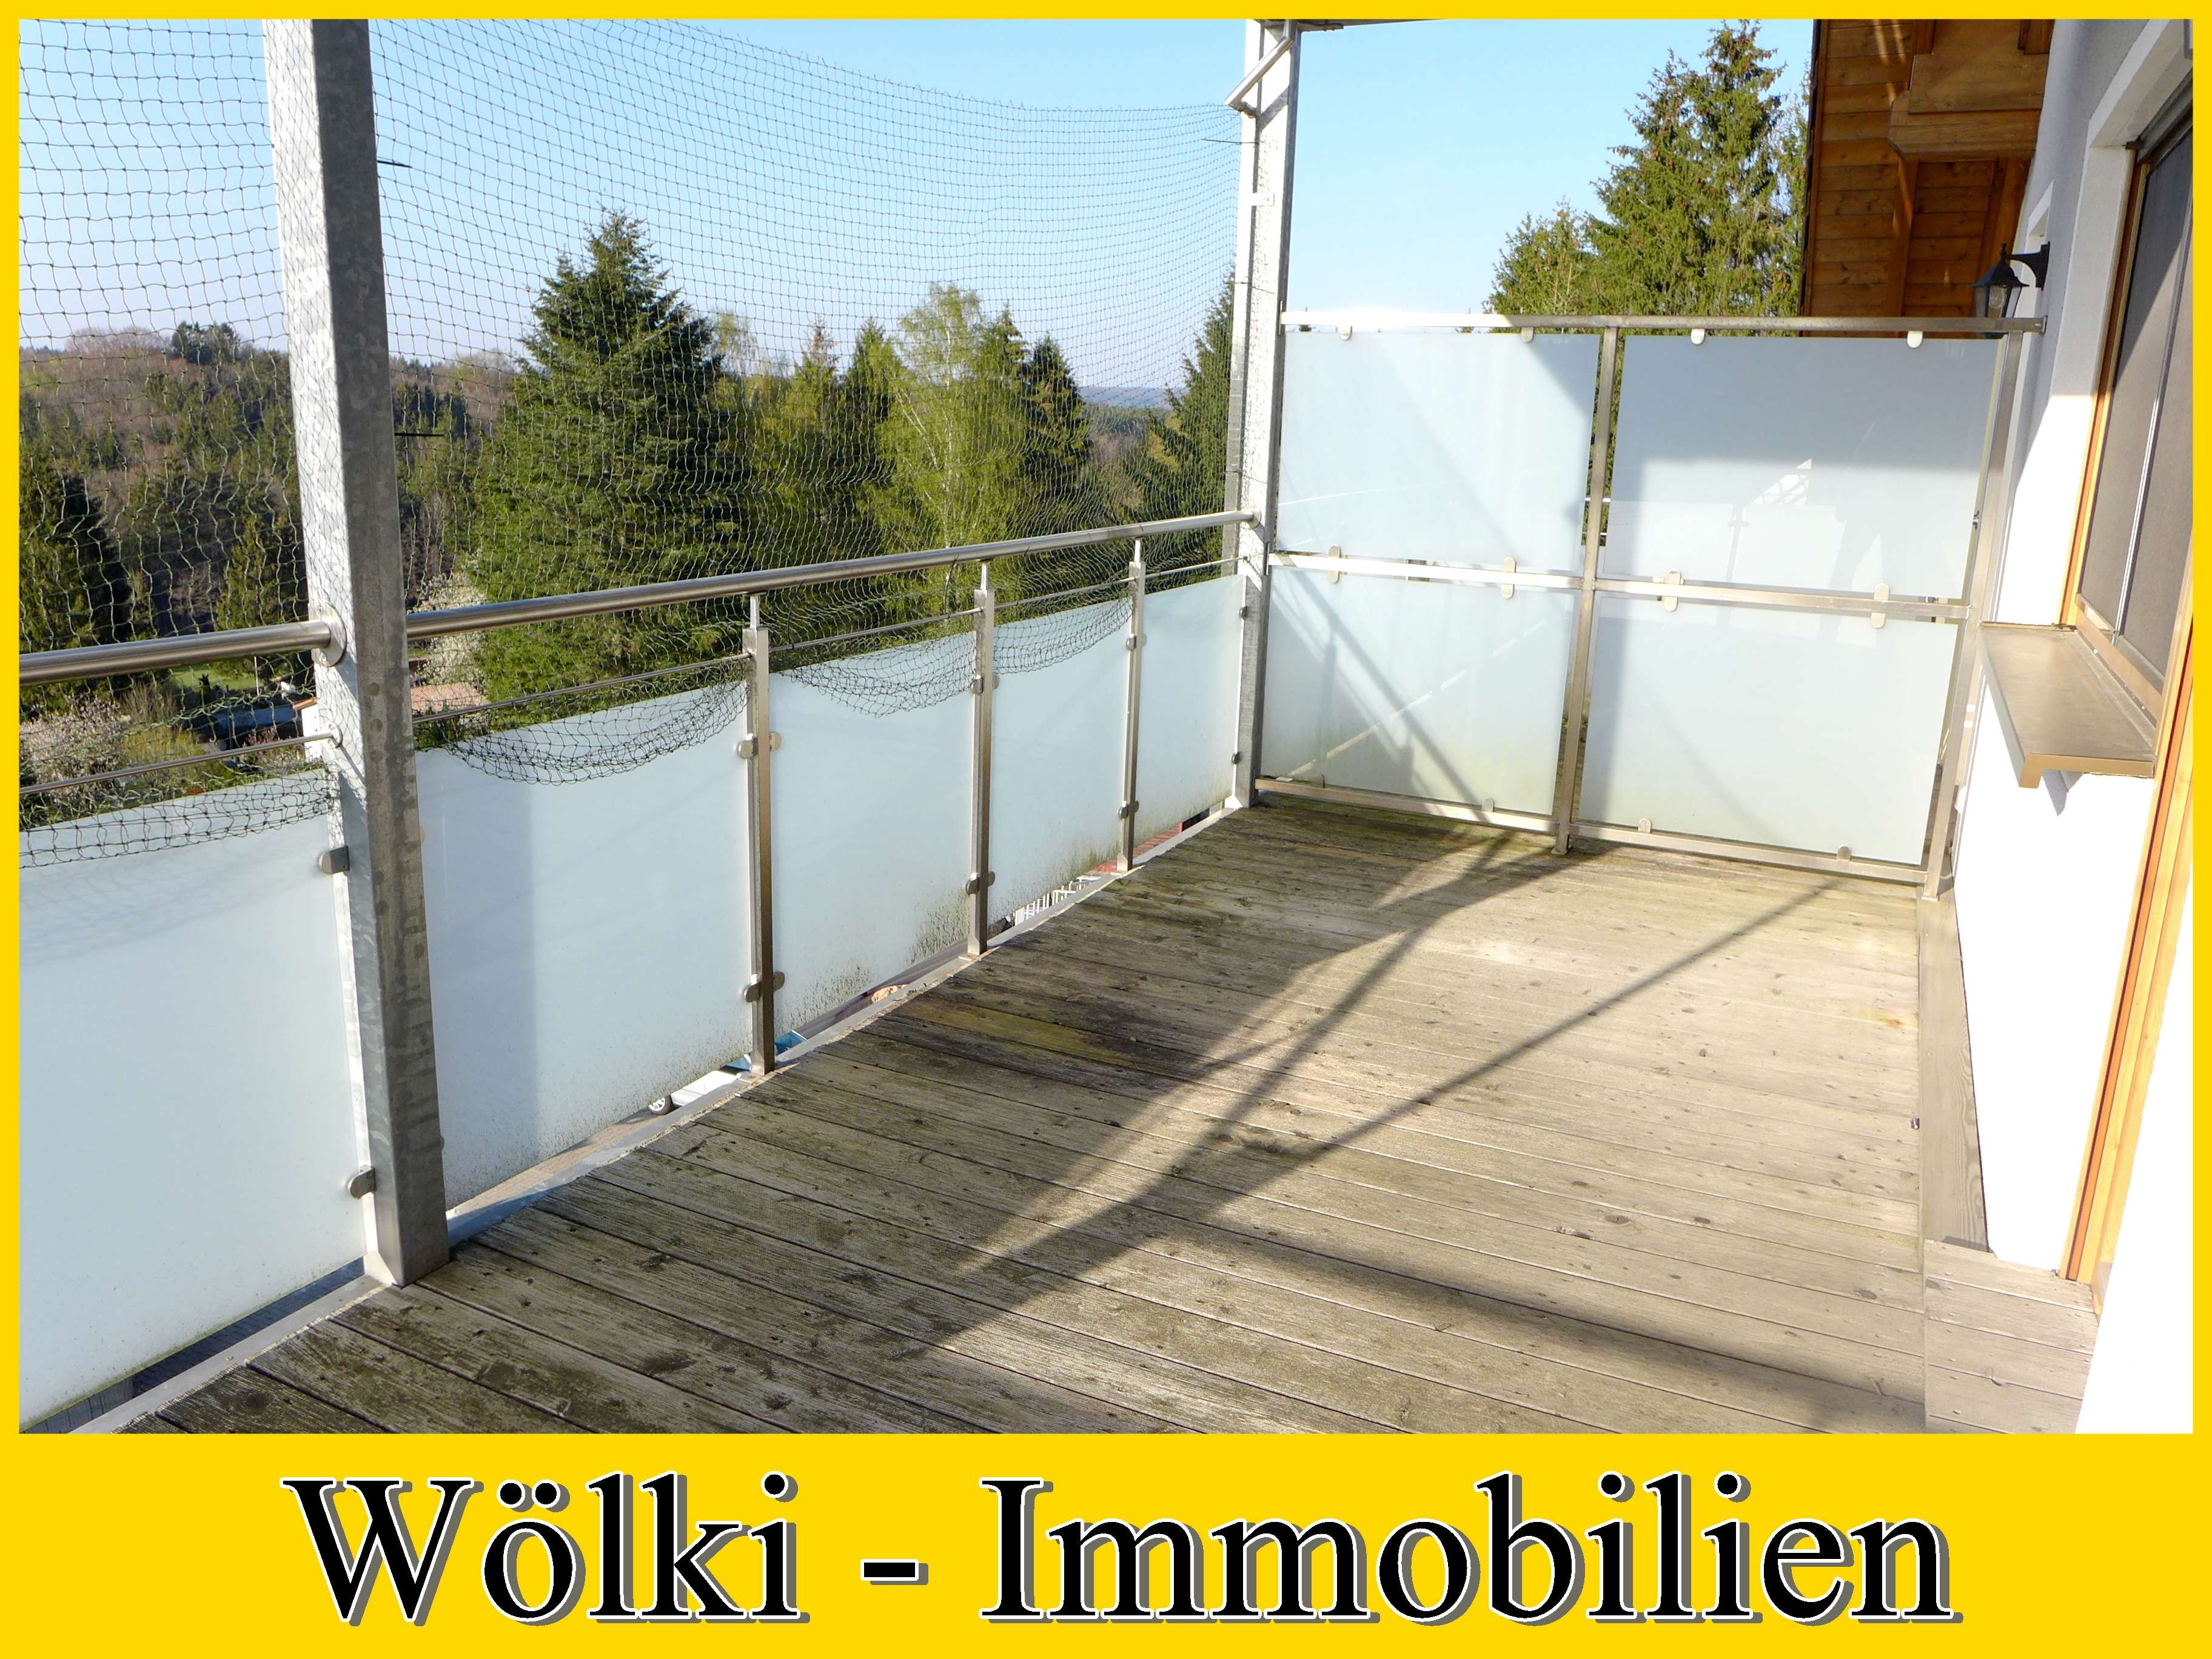 Provisionsfrei f.d. Mieter --- Zwei sehr große Balkone mit Panorama - Aussicht!